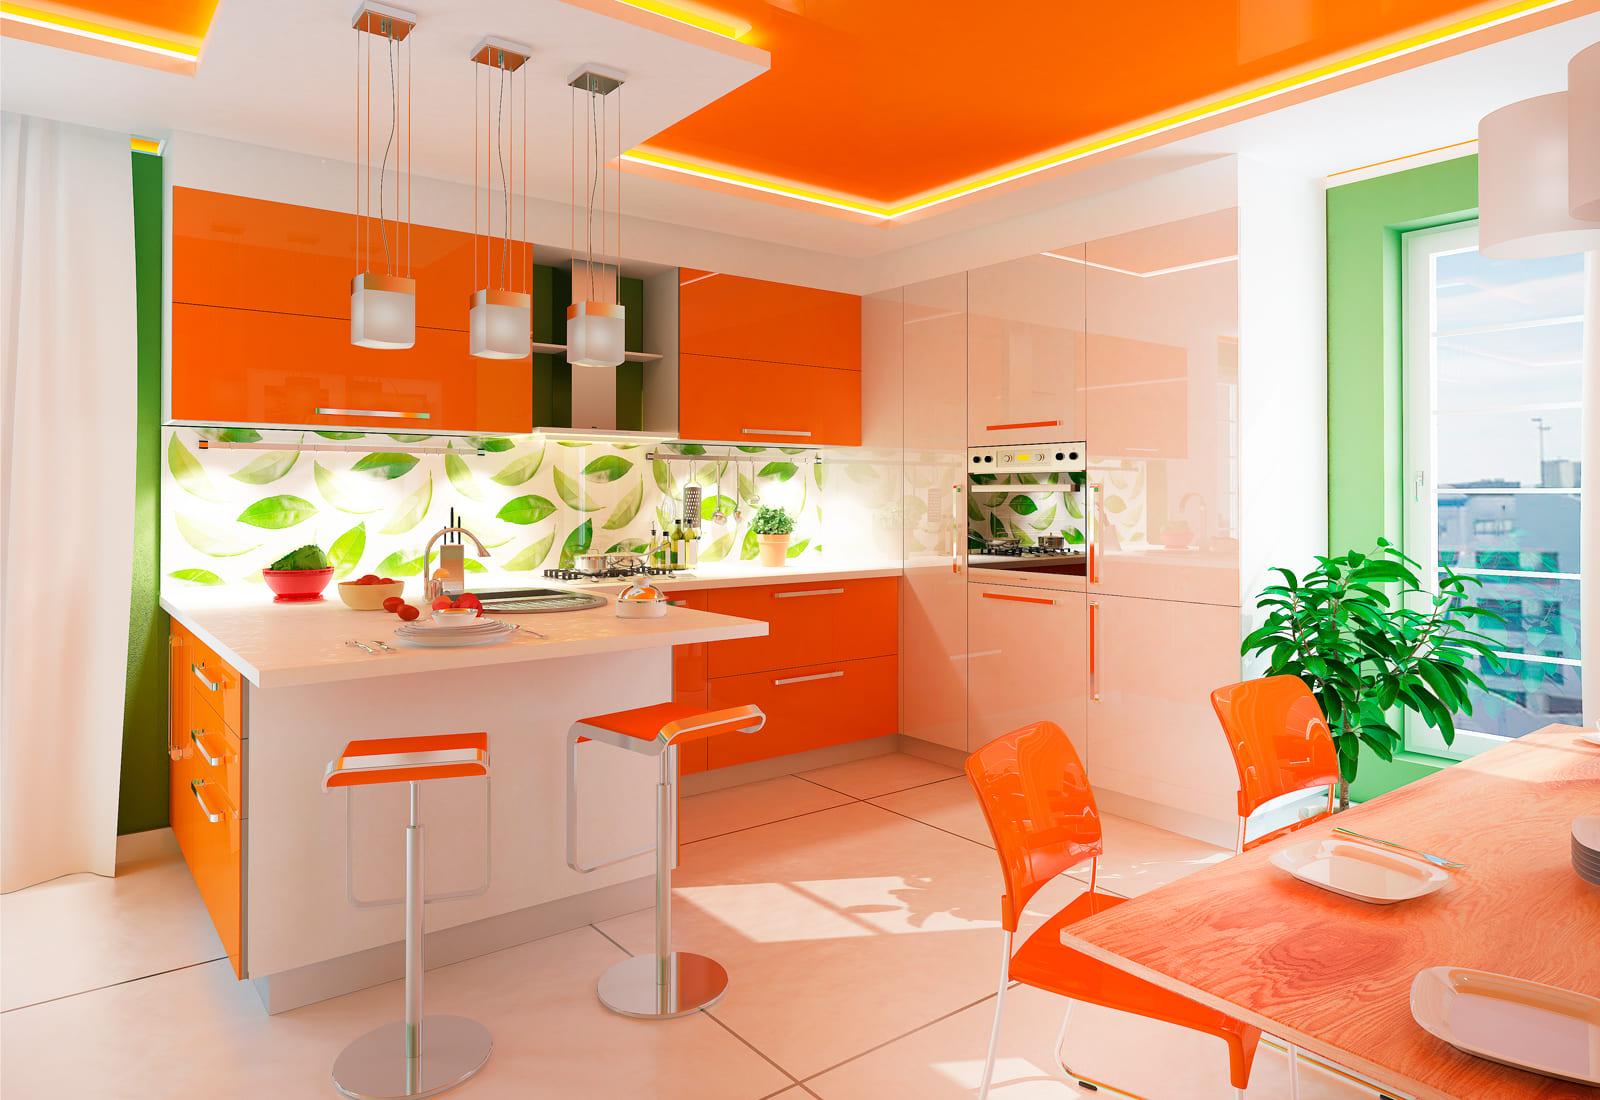 глянцевый потолок в интерьере оранжевой кухни